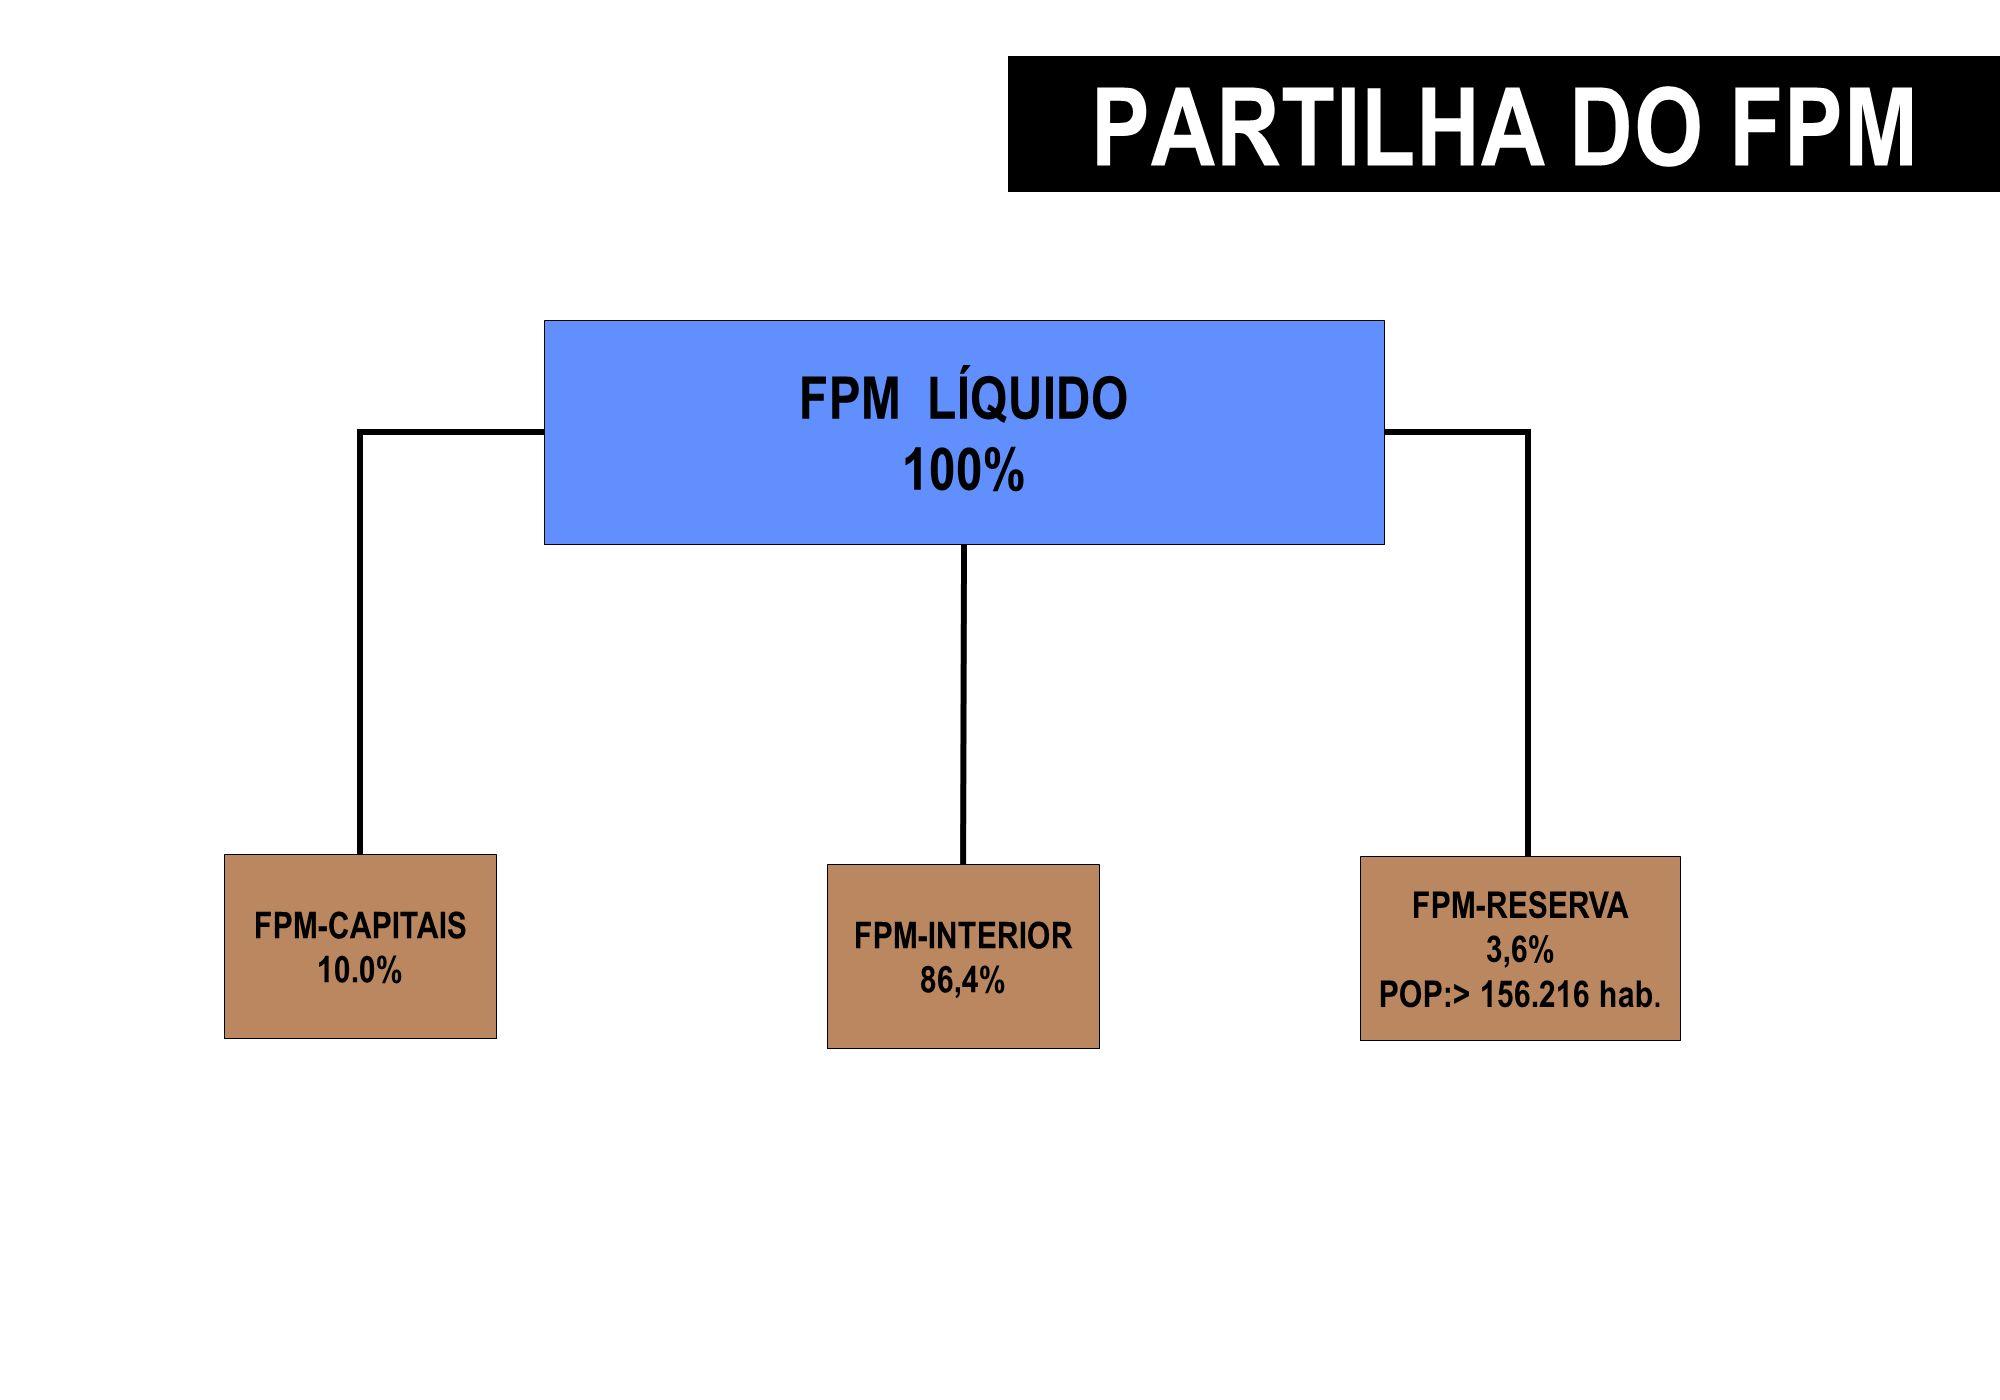 PARTILHA DO FPM 10% p/CAPITAIS FPM LÍQUIDO 100% FPM-RESERVA